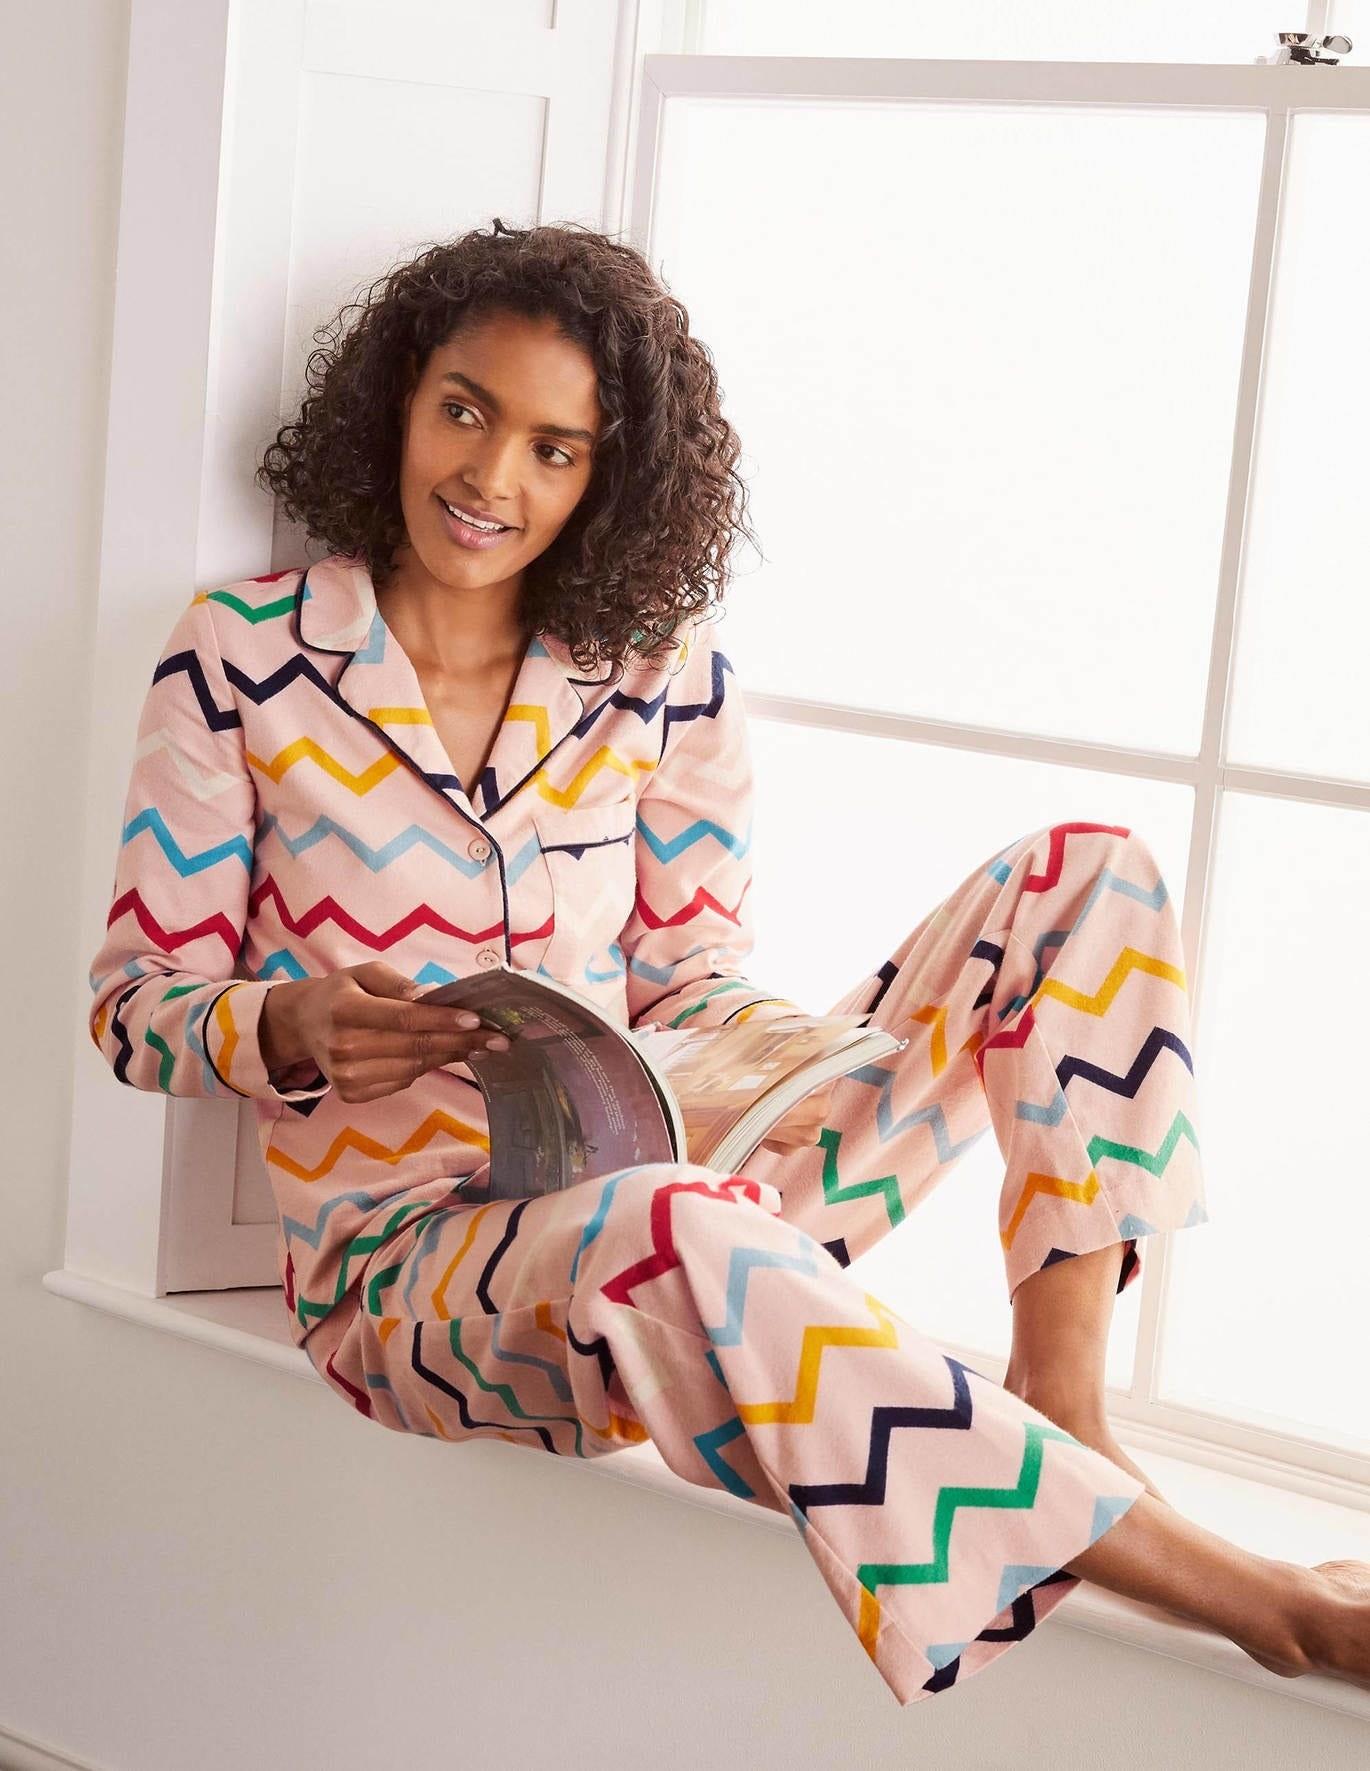 long sleeve pink pajamas with rainbow chevron stripes